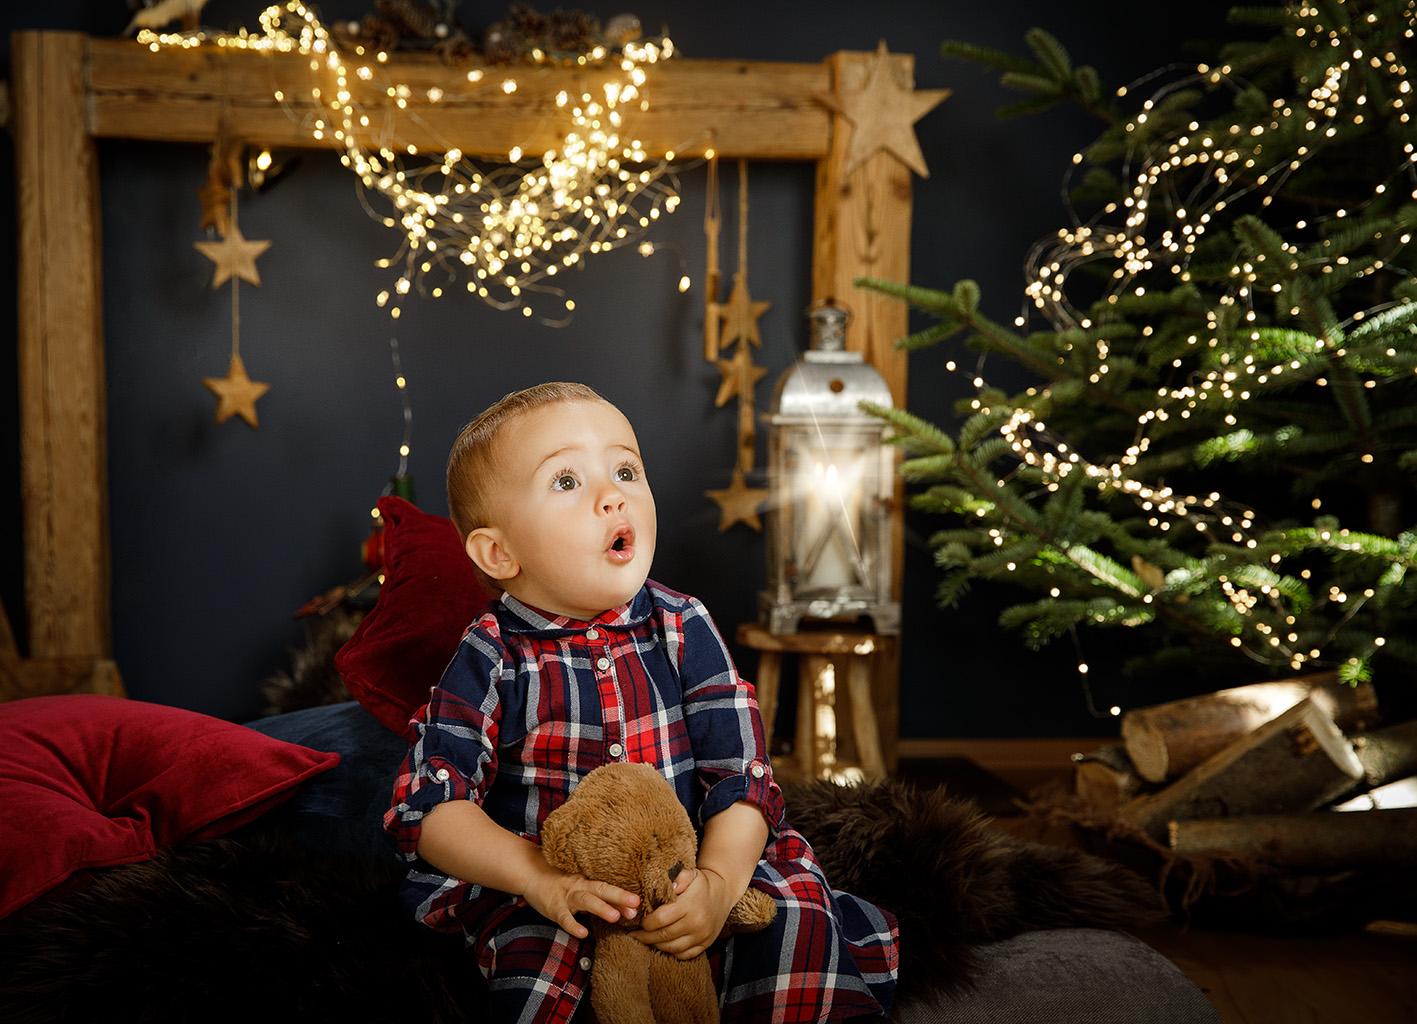 Lichterglanz zum Weihnachtsfest